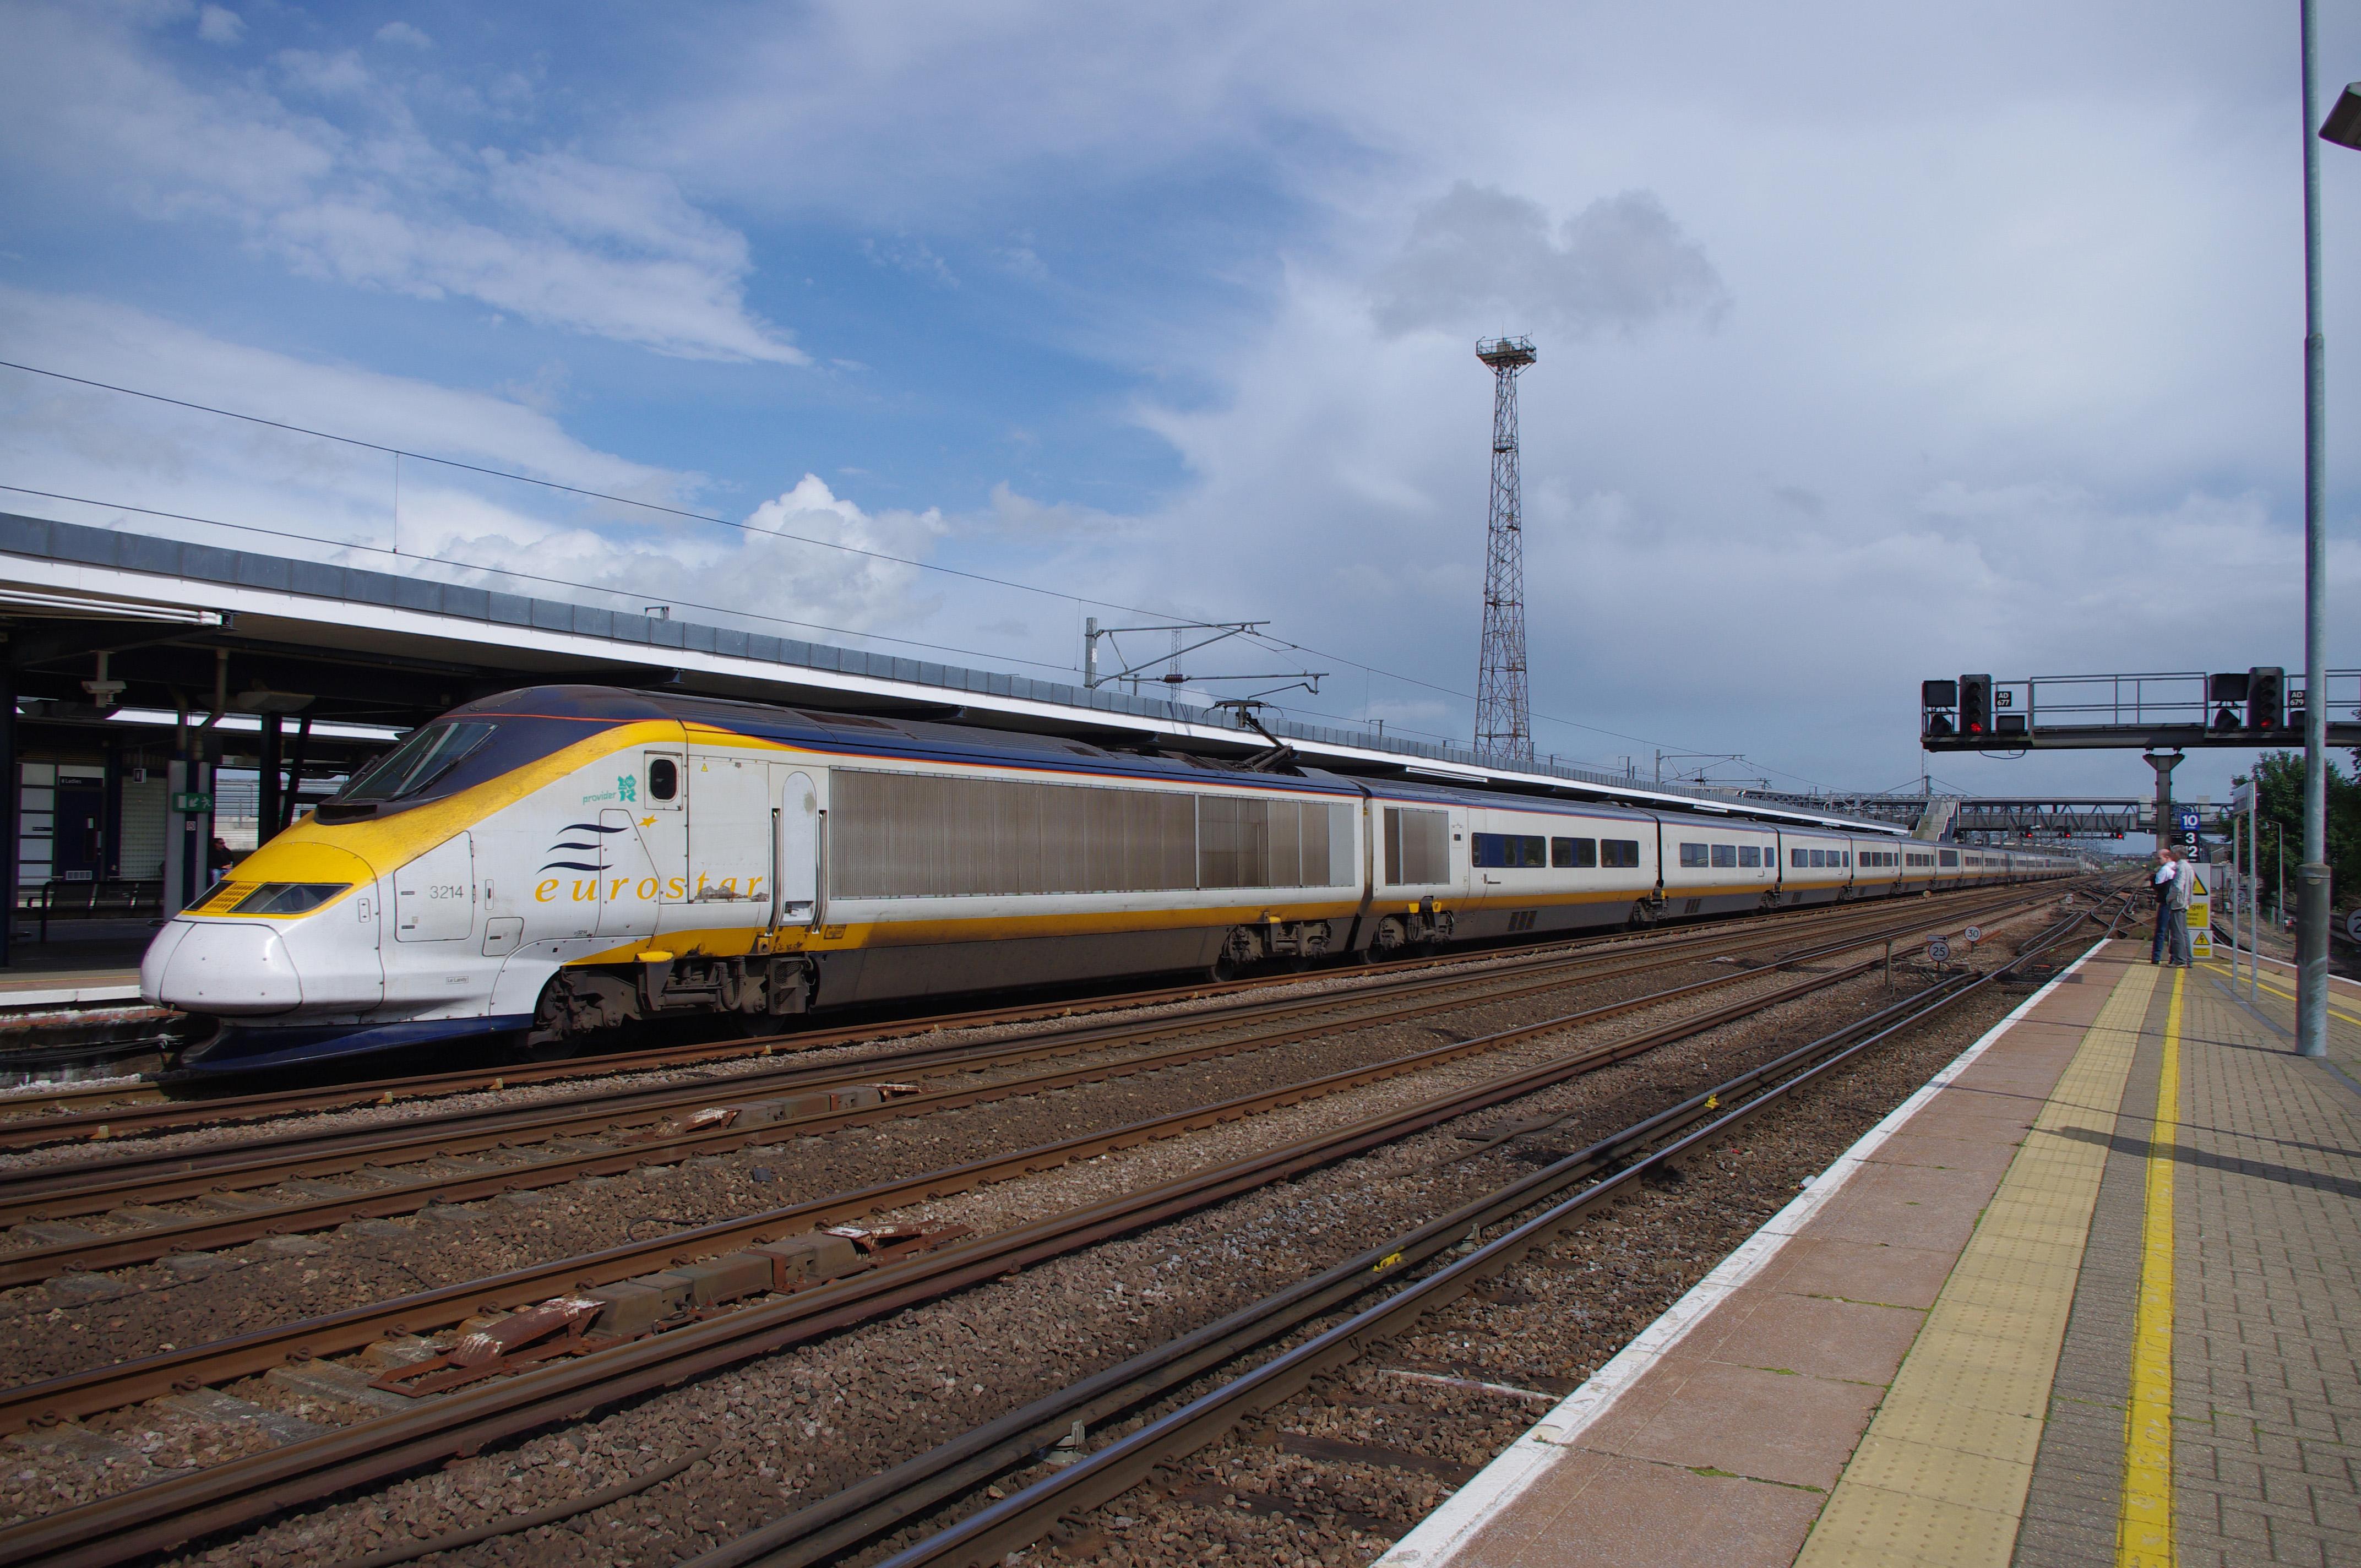 train going through ashford international